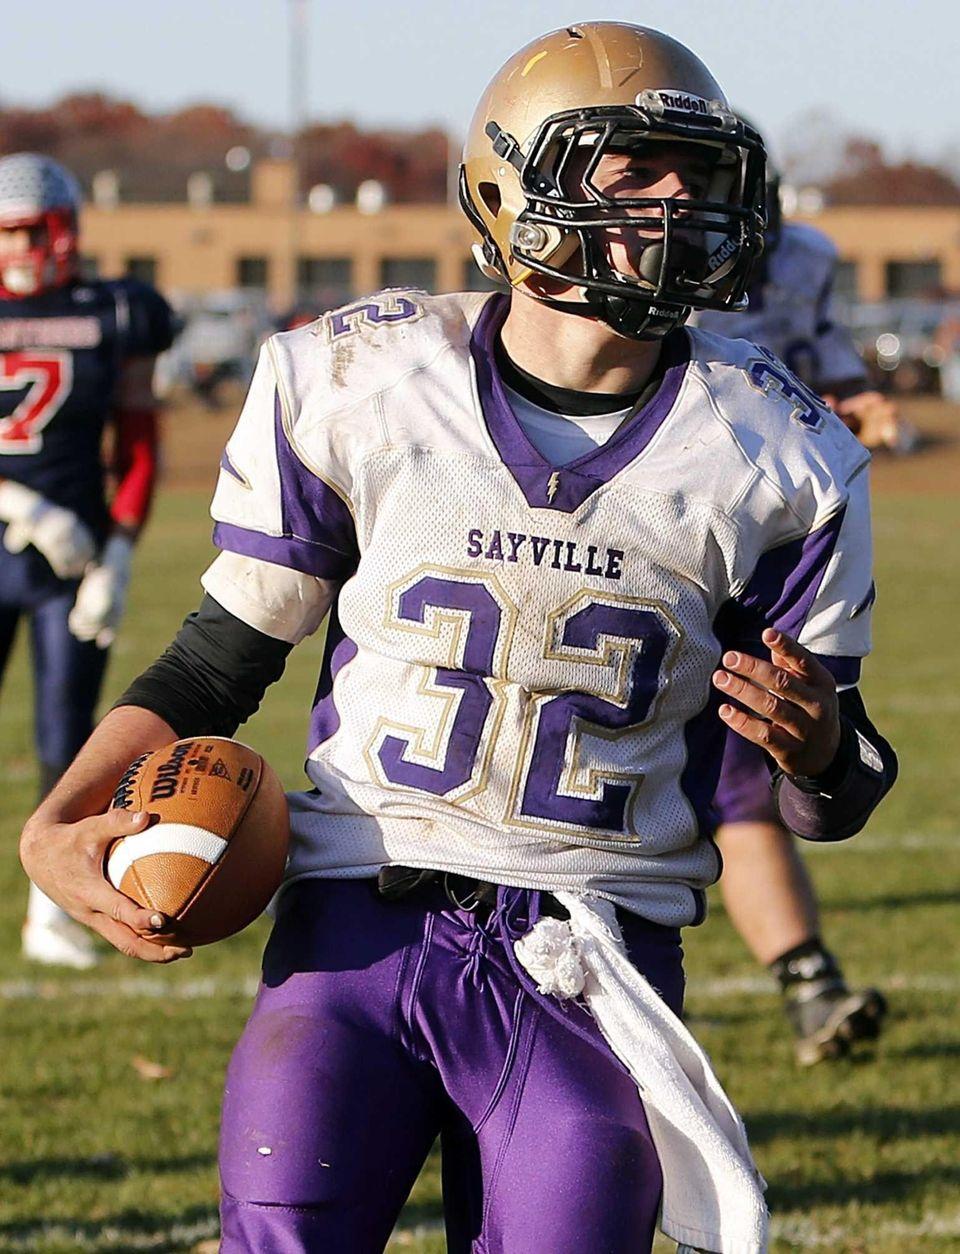 Sayville running aback Matt Selts scores a touchdown